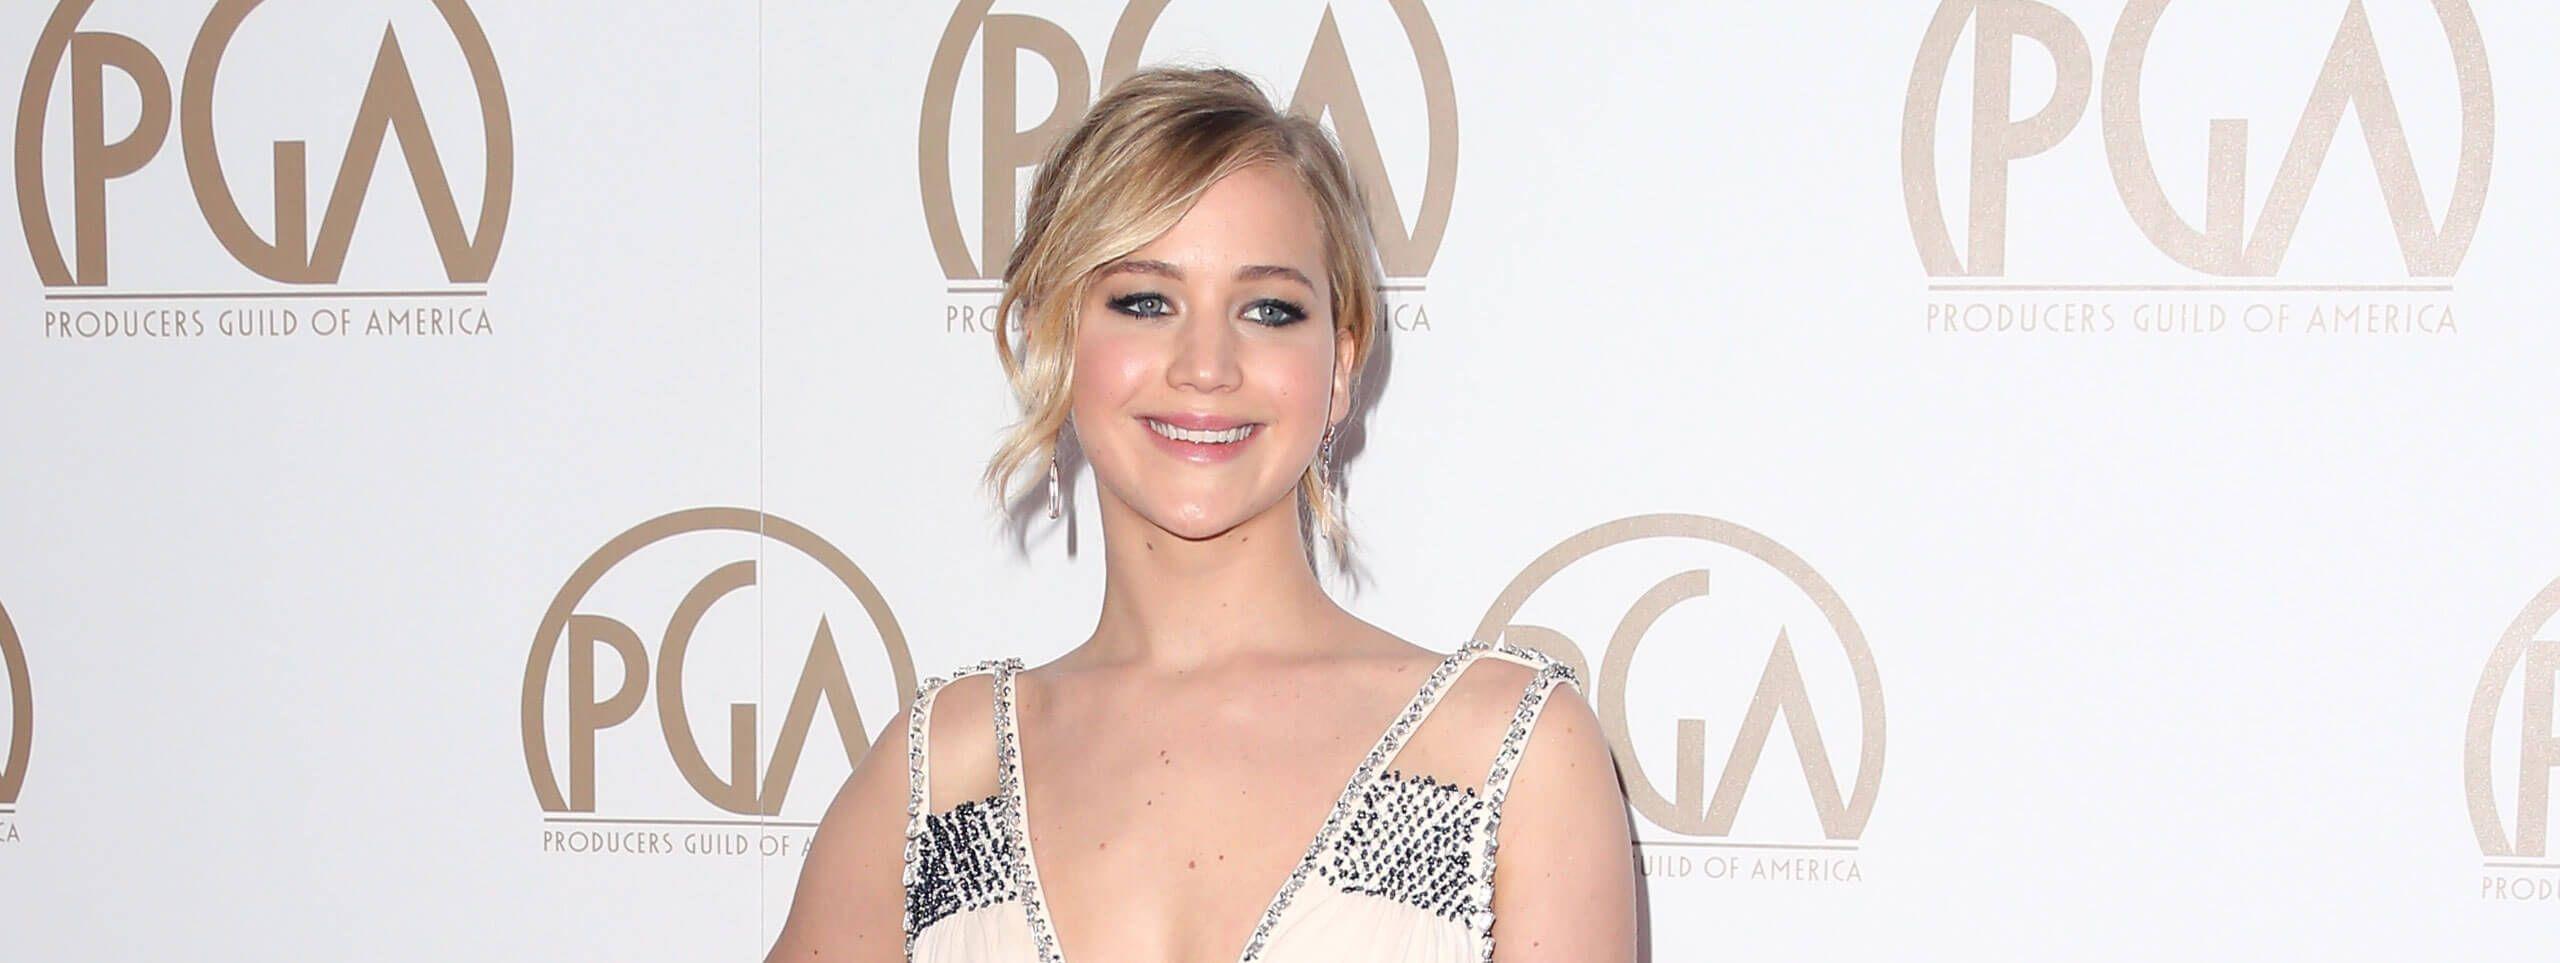 Jennifer Lawrence prezentuje stylowe upięcie i zakręconą grzywkę na bok